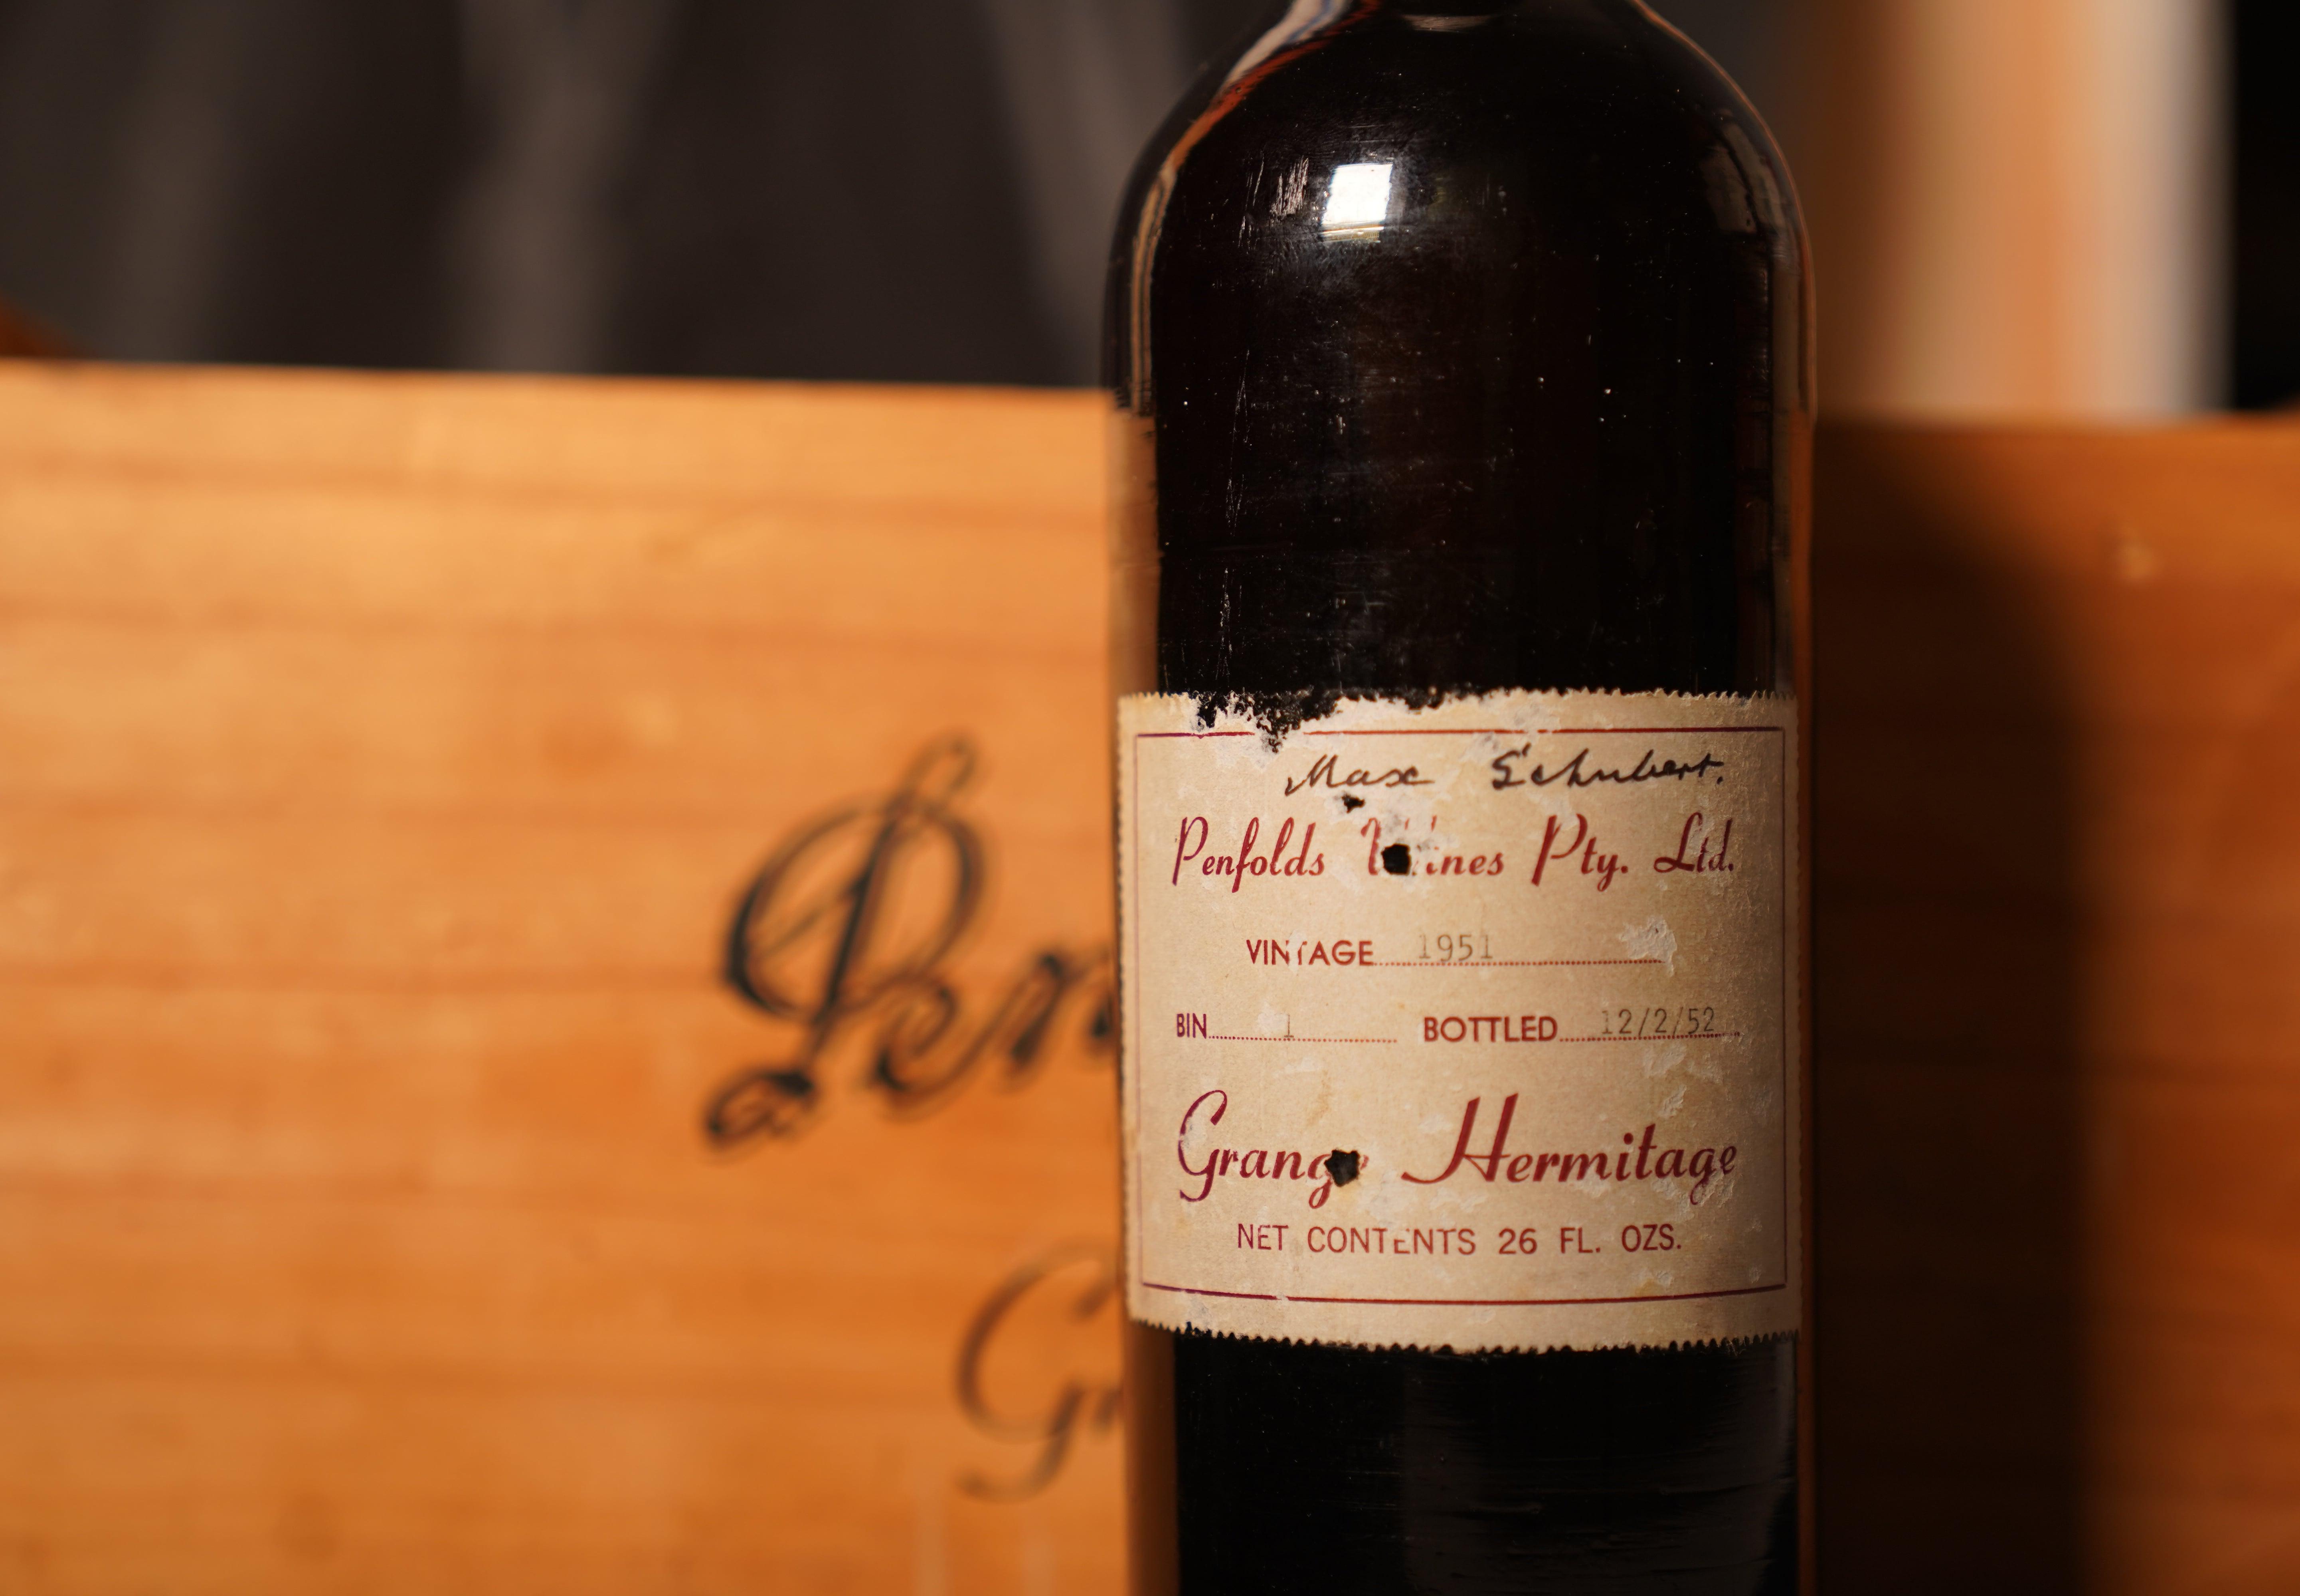 Single bottle of Penfolds Grange 1951 sells for world record $142,131